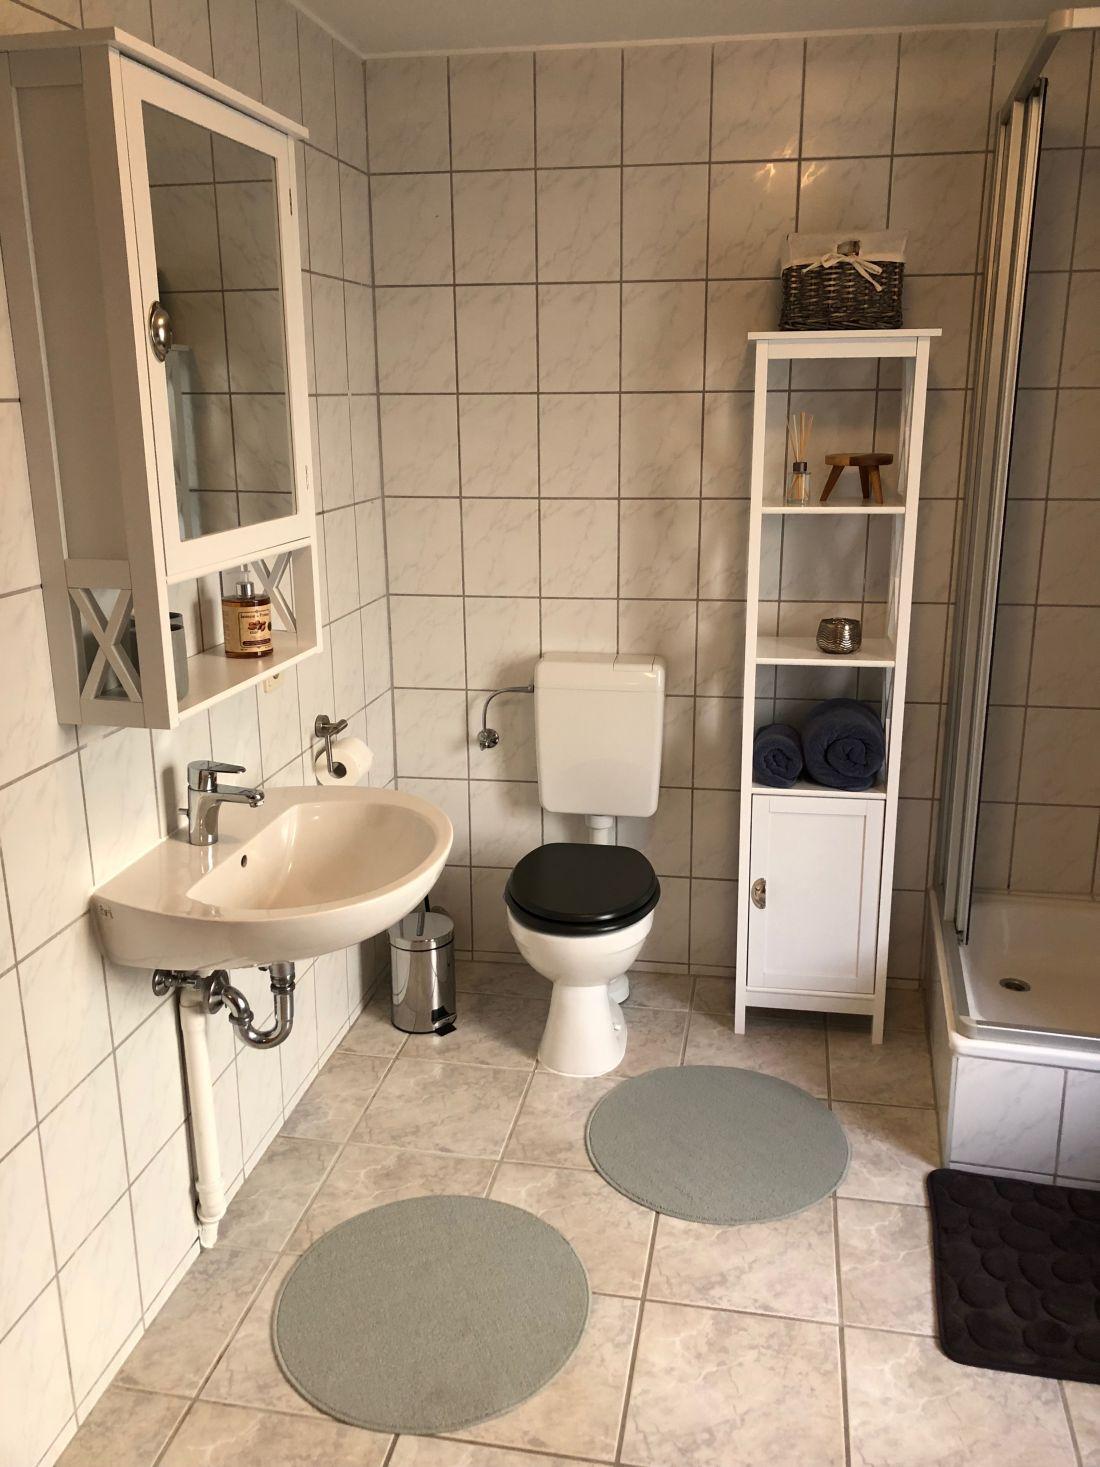 Appartement 4 - bautzen-pension-zimmer-006-3.jpg